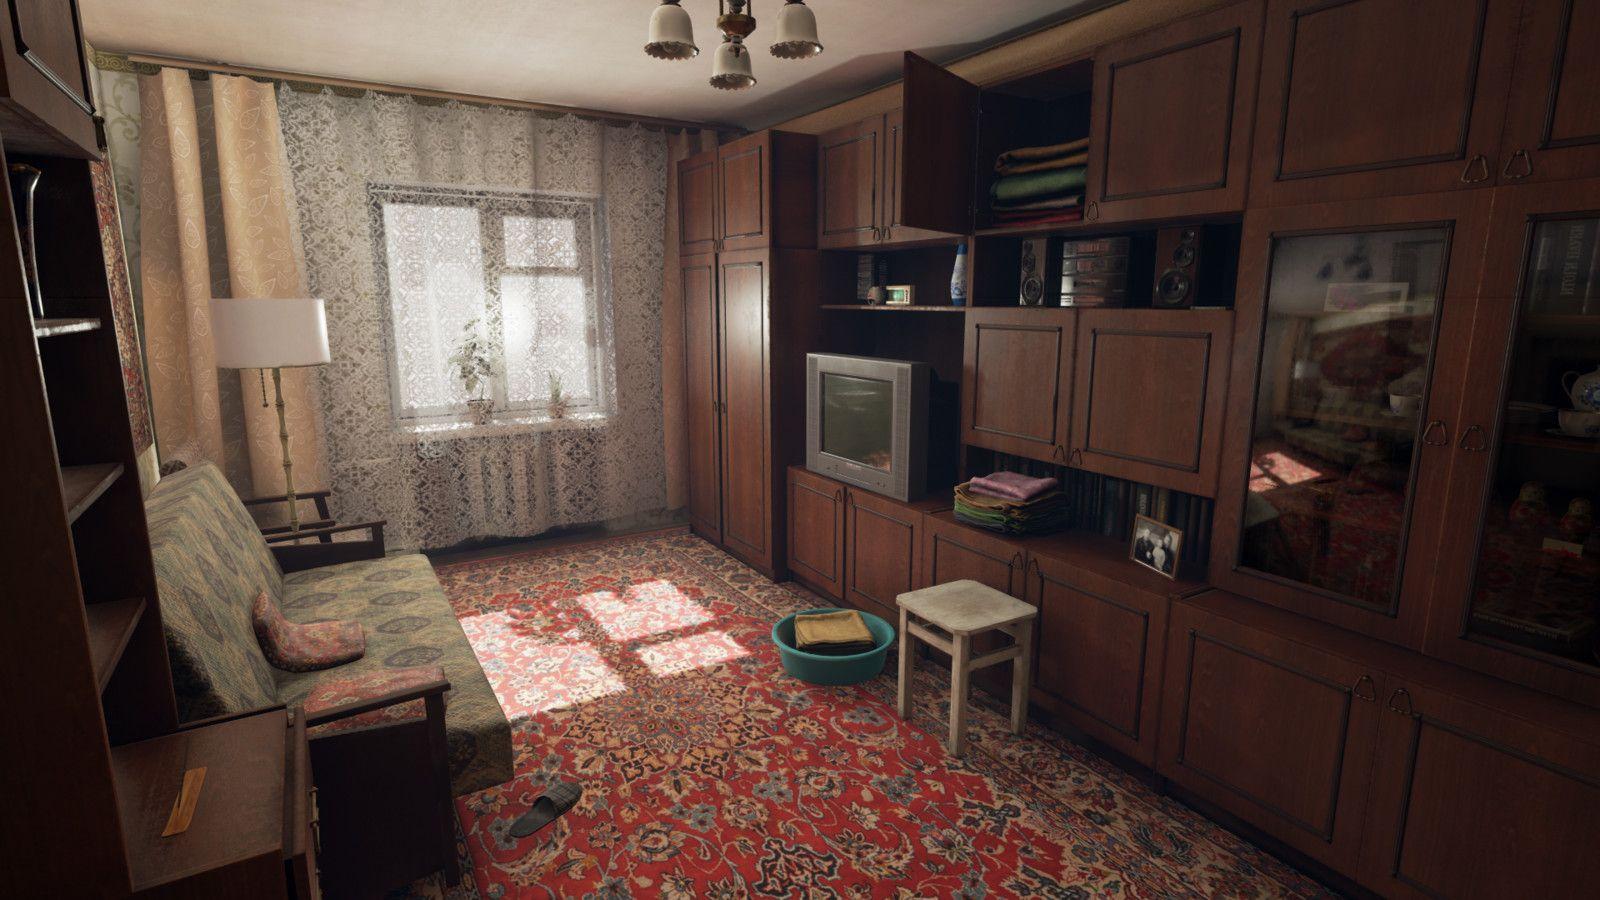 Russian Living Room (UE4), Dmitriy Masaltsev on ArtStation at https://www.artstation.com/artwork/5owmP